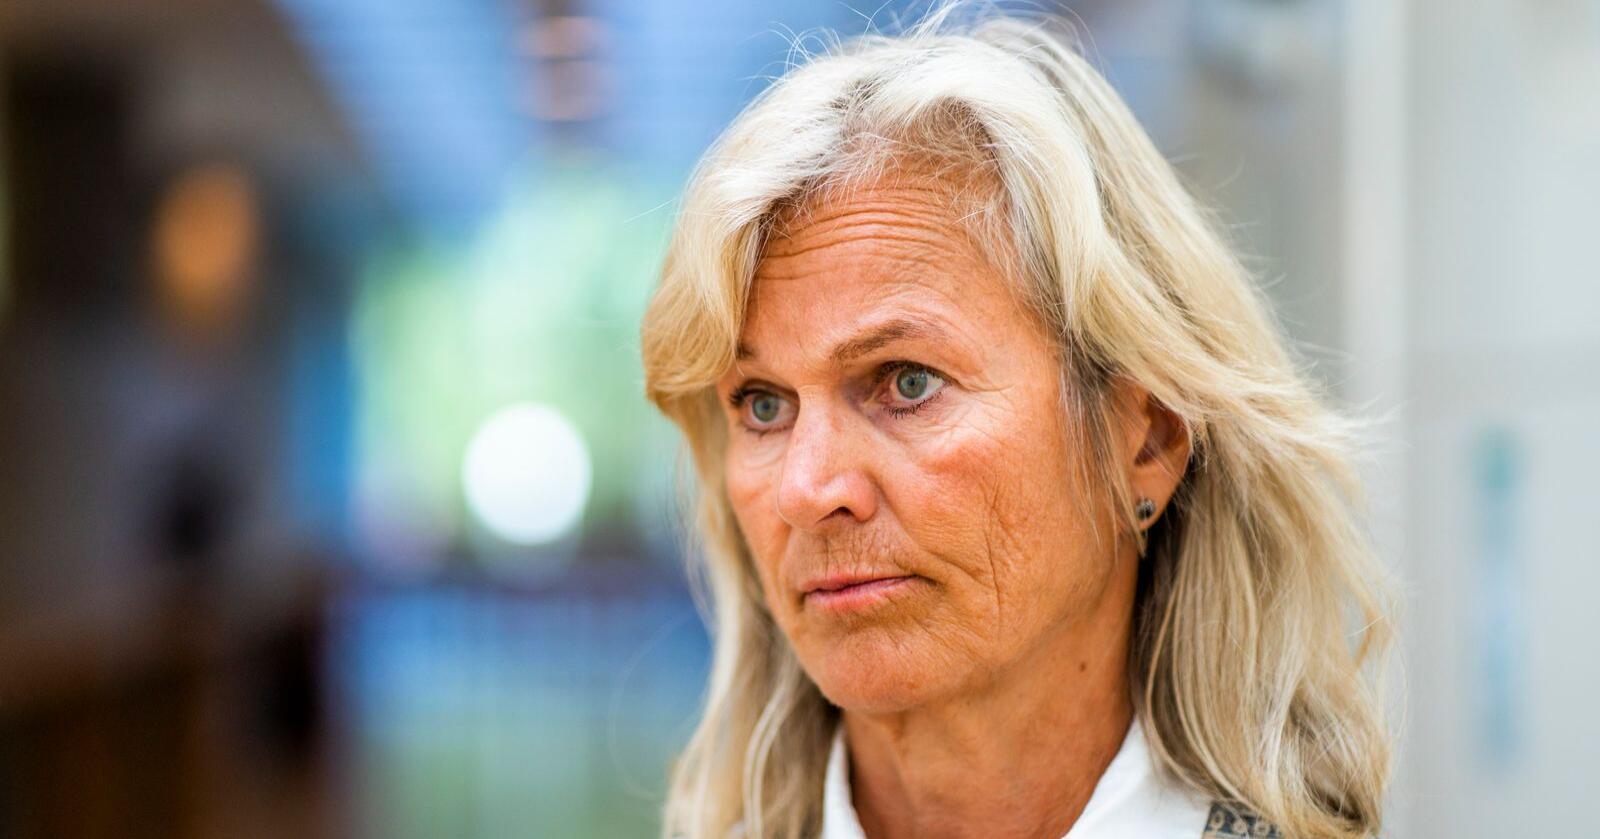 Kristin Krohn Devold som er direktør i NHO Reiseliv, er til stede på NHO Reiselivs frokostmøte i NHO-bygget på Majorstuen i Oslo tirsdag.Foto: Håkon Mosvold Larsen / NTB